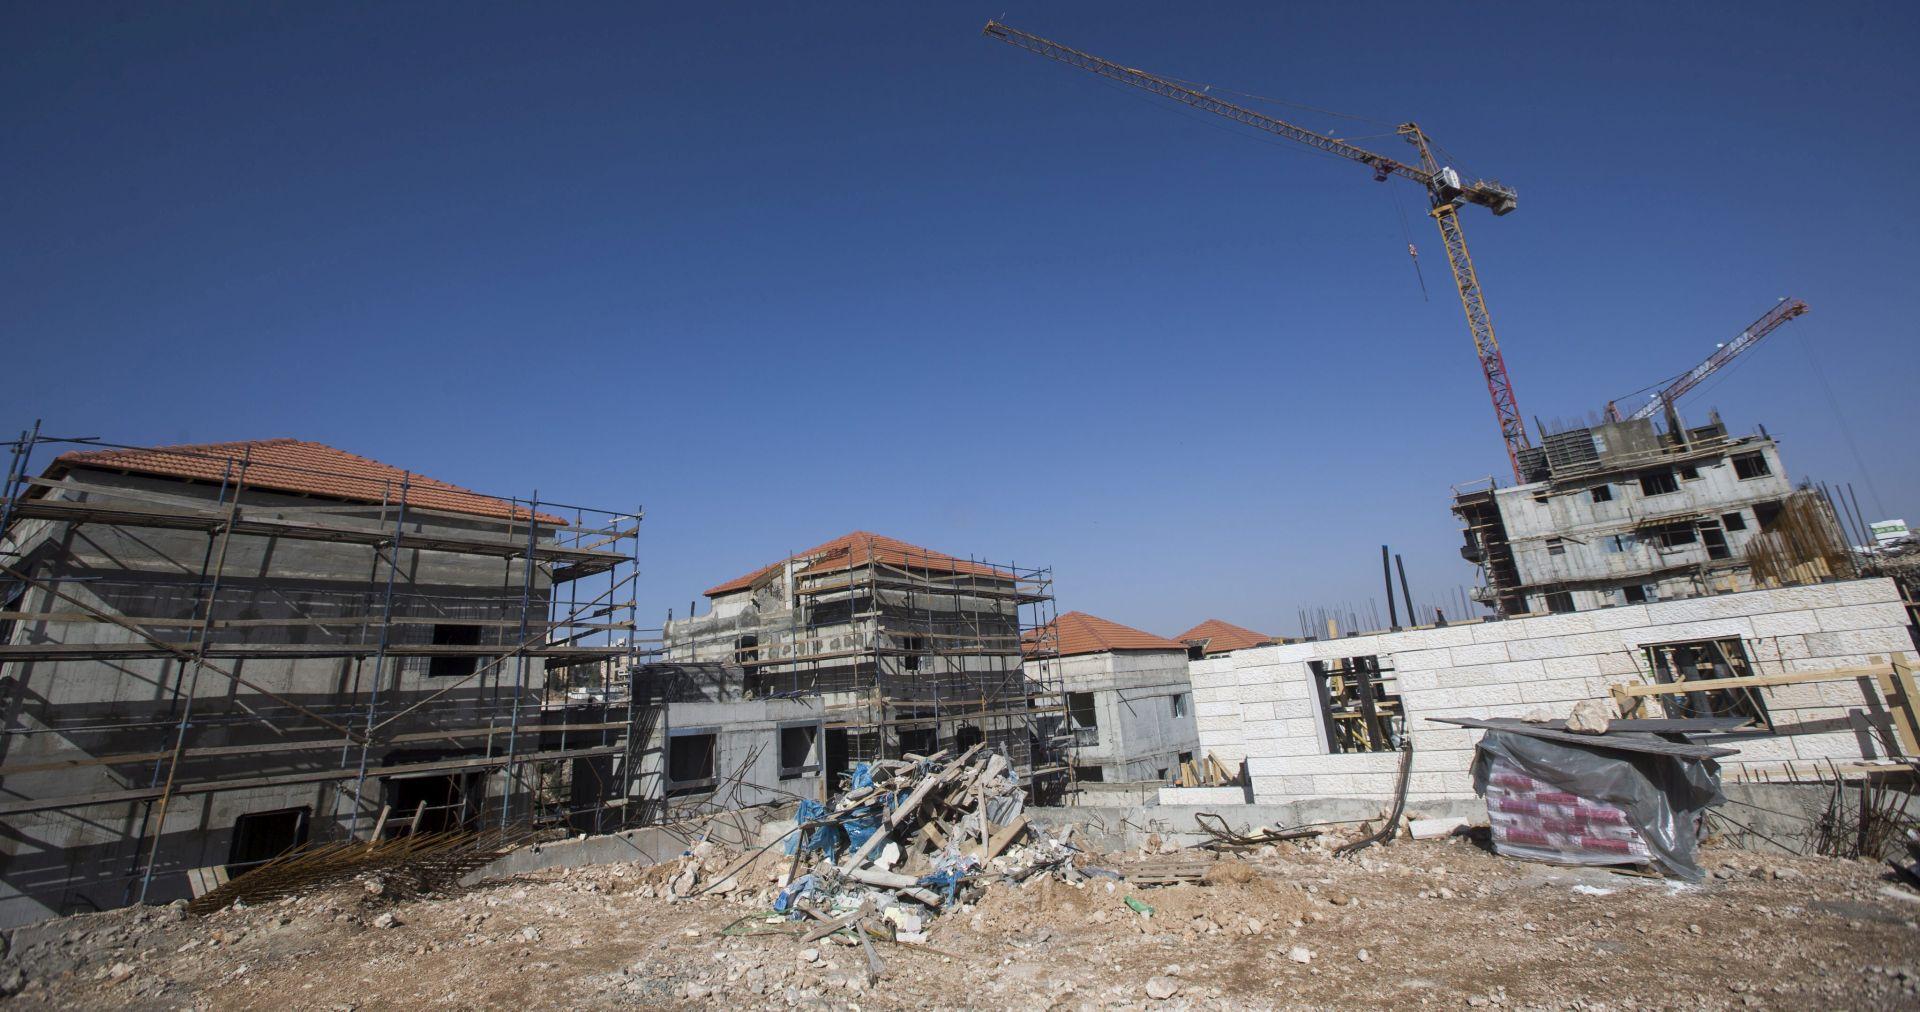 ODLUKA PREMIJERA: Otkazano glasanje o izgradnji stanova u istočnom Jeruzalemu